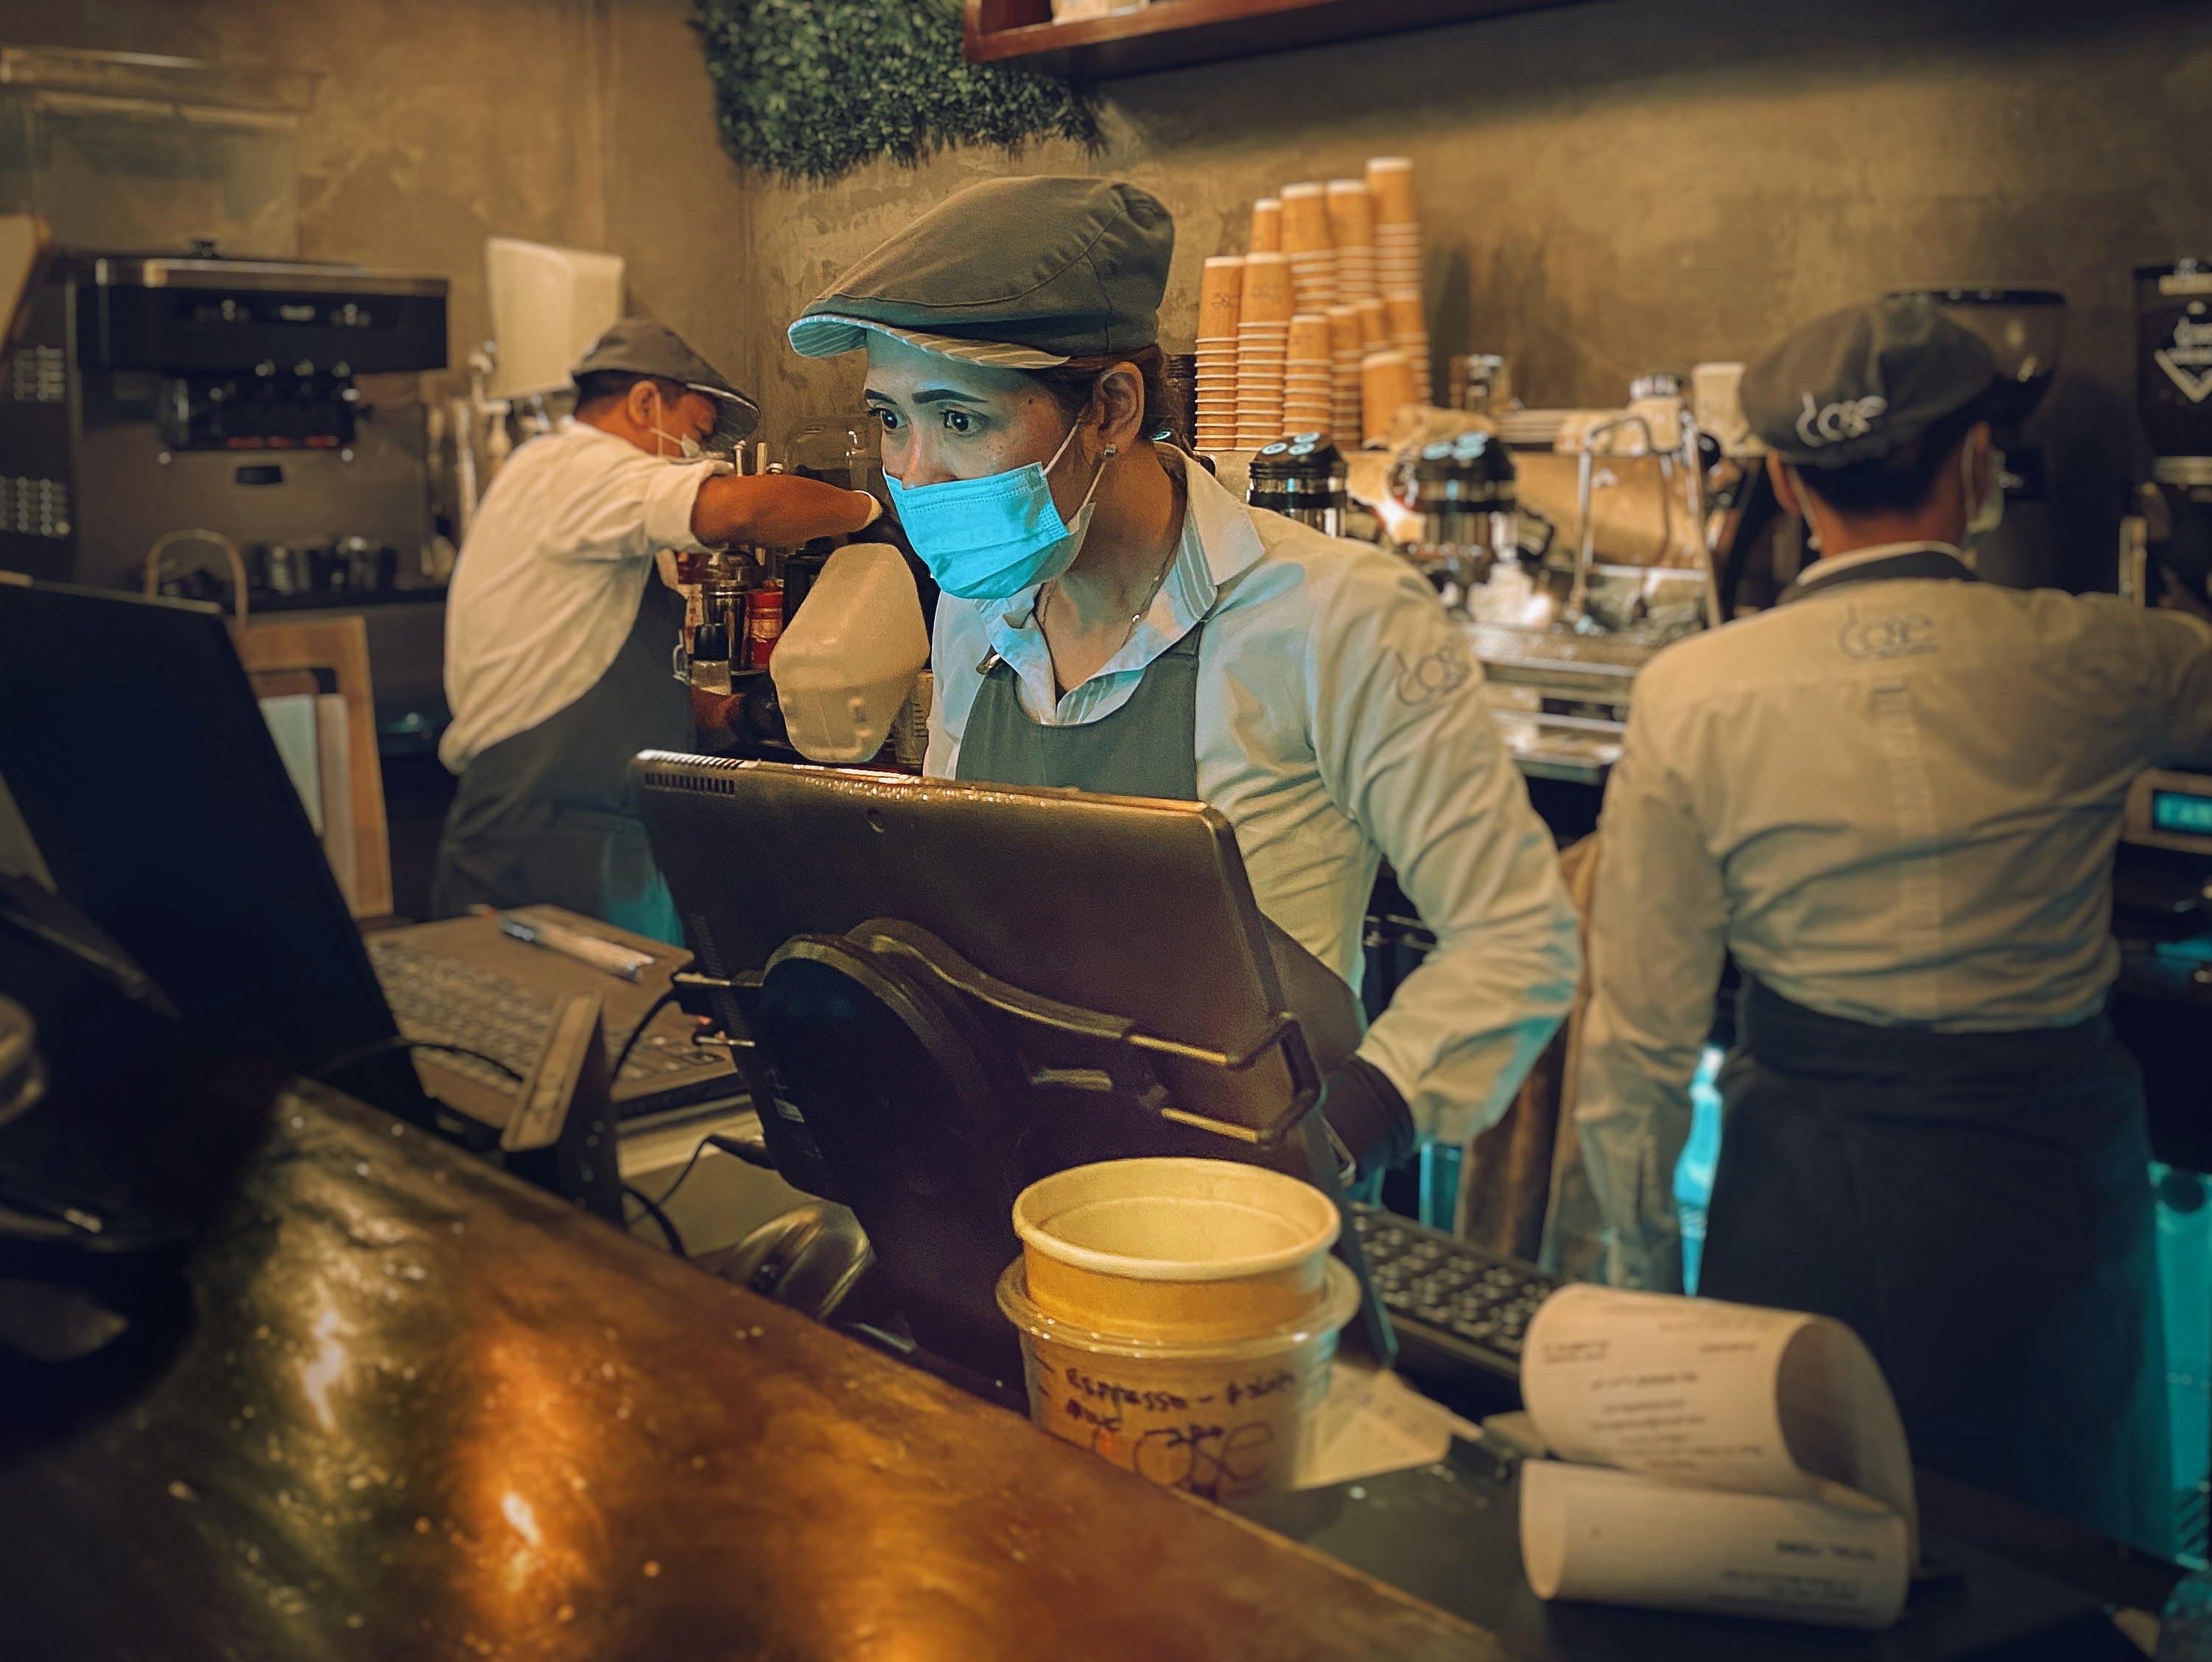 Cafeterías abren desde el 20 de julio: este es el protocolo sanitario que deben cumplir